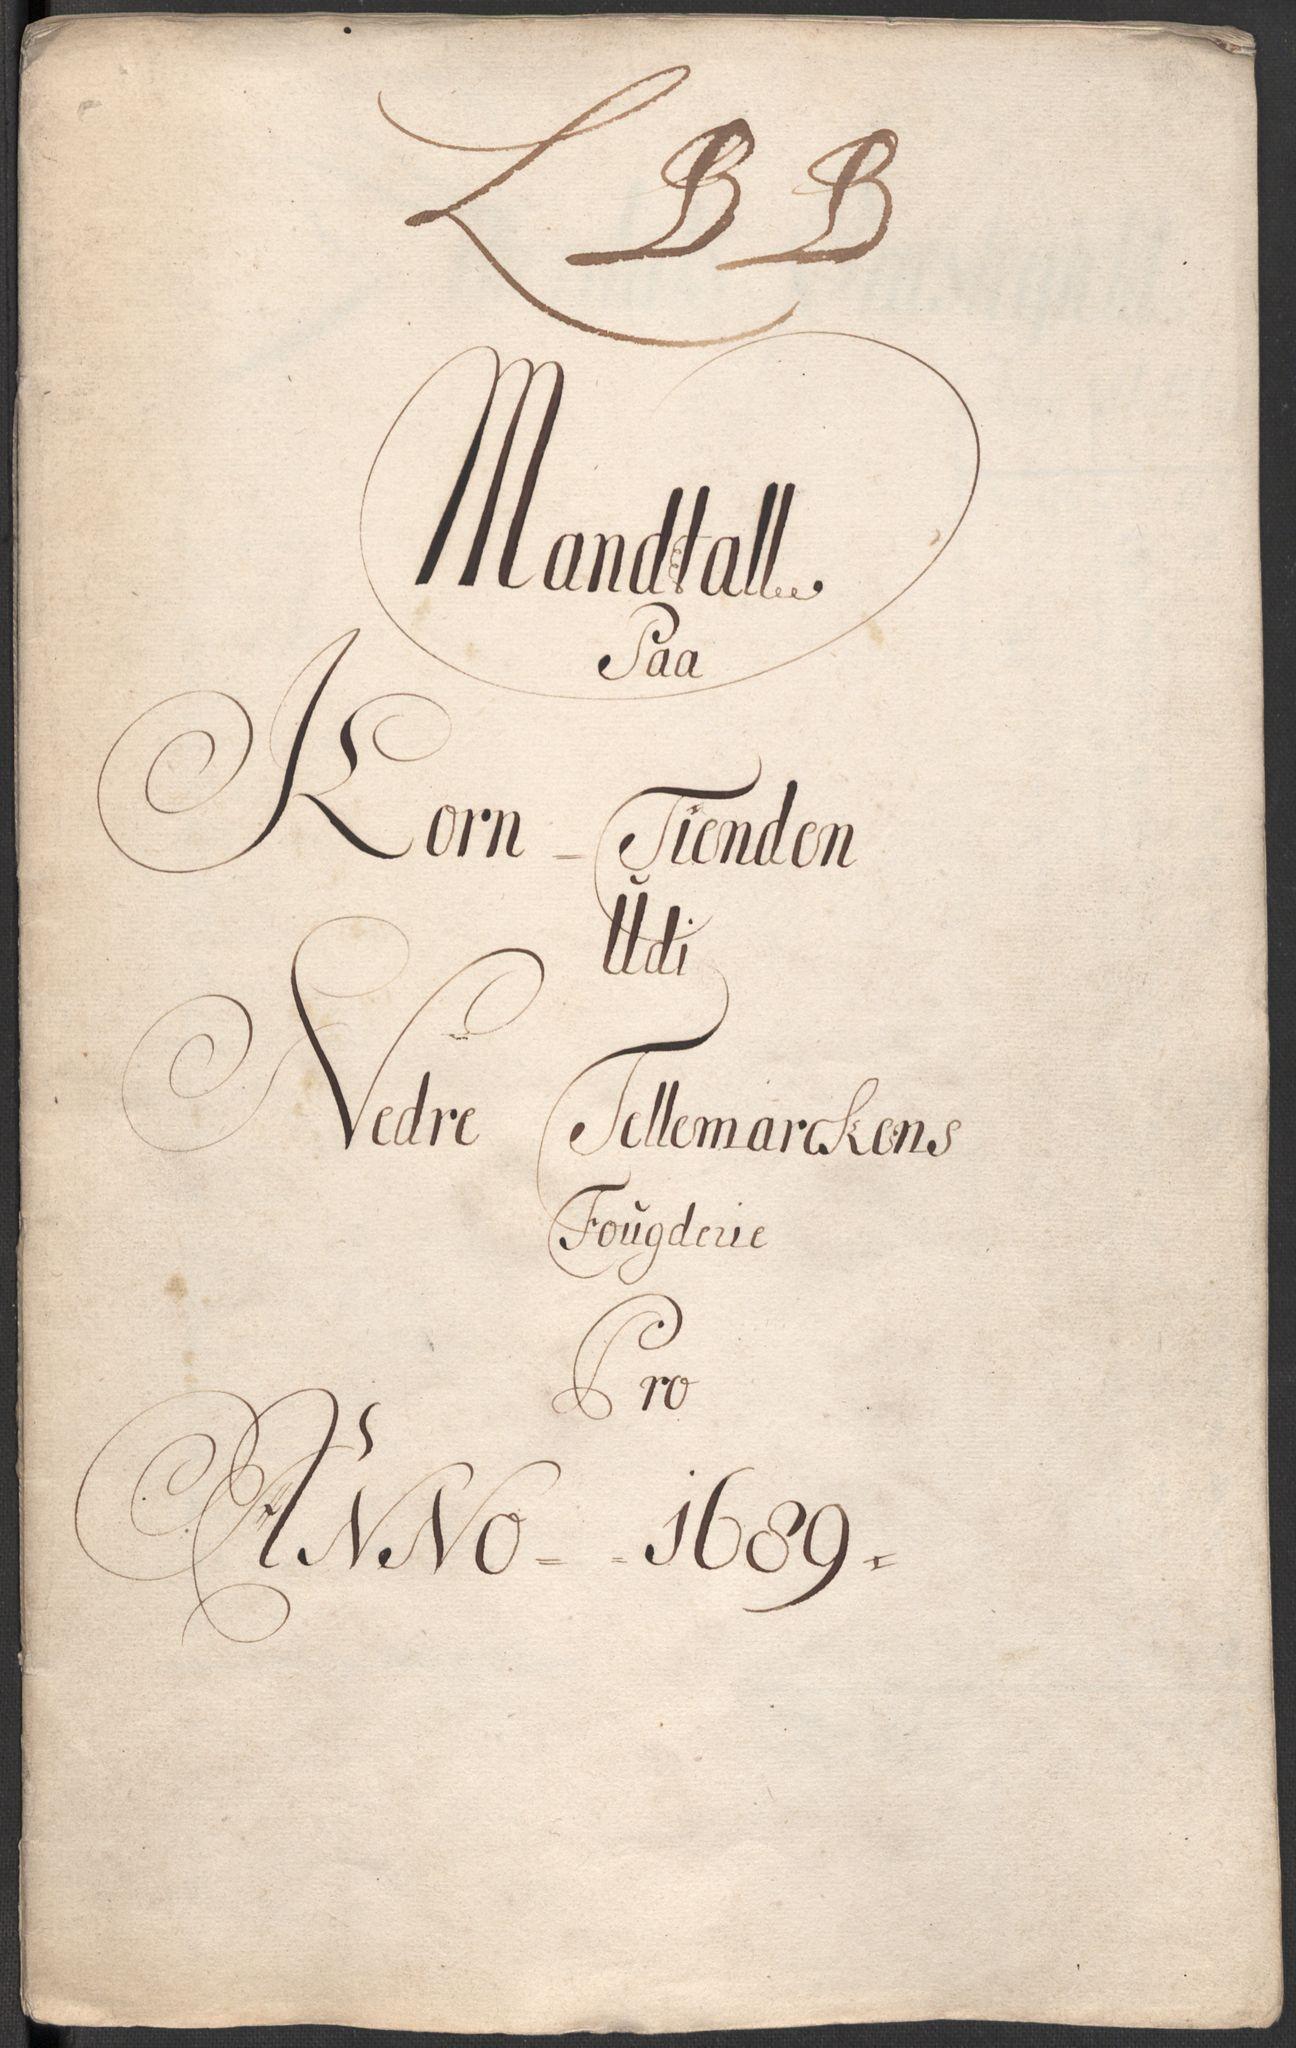 RA, Rentekammeret inntil 1814, Reviderte regnskaper, Fogderegnskap, R35/L2088: Fogderegnskap Øvre og Nedre Telemark, 1687-1689, s. 15